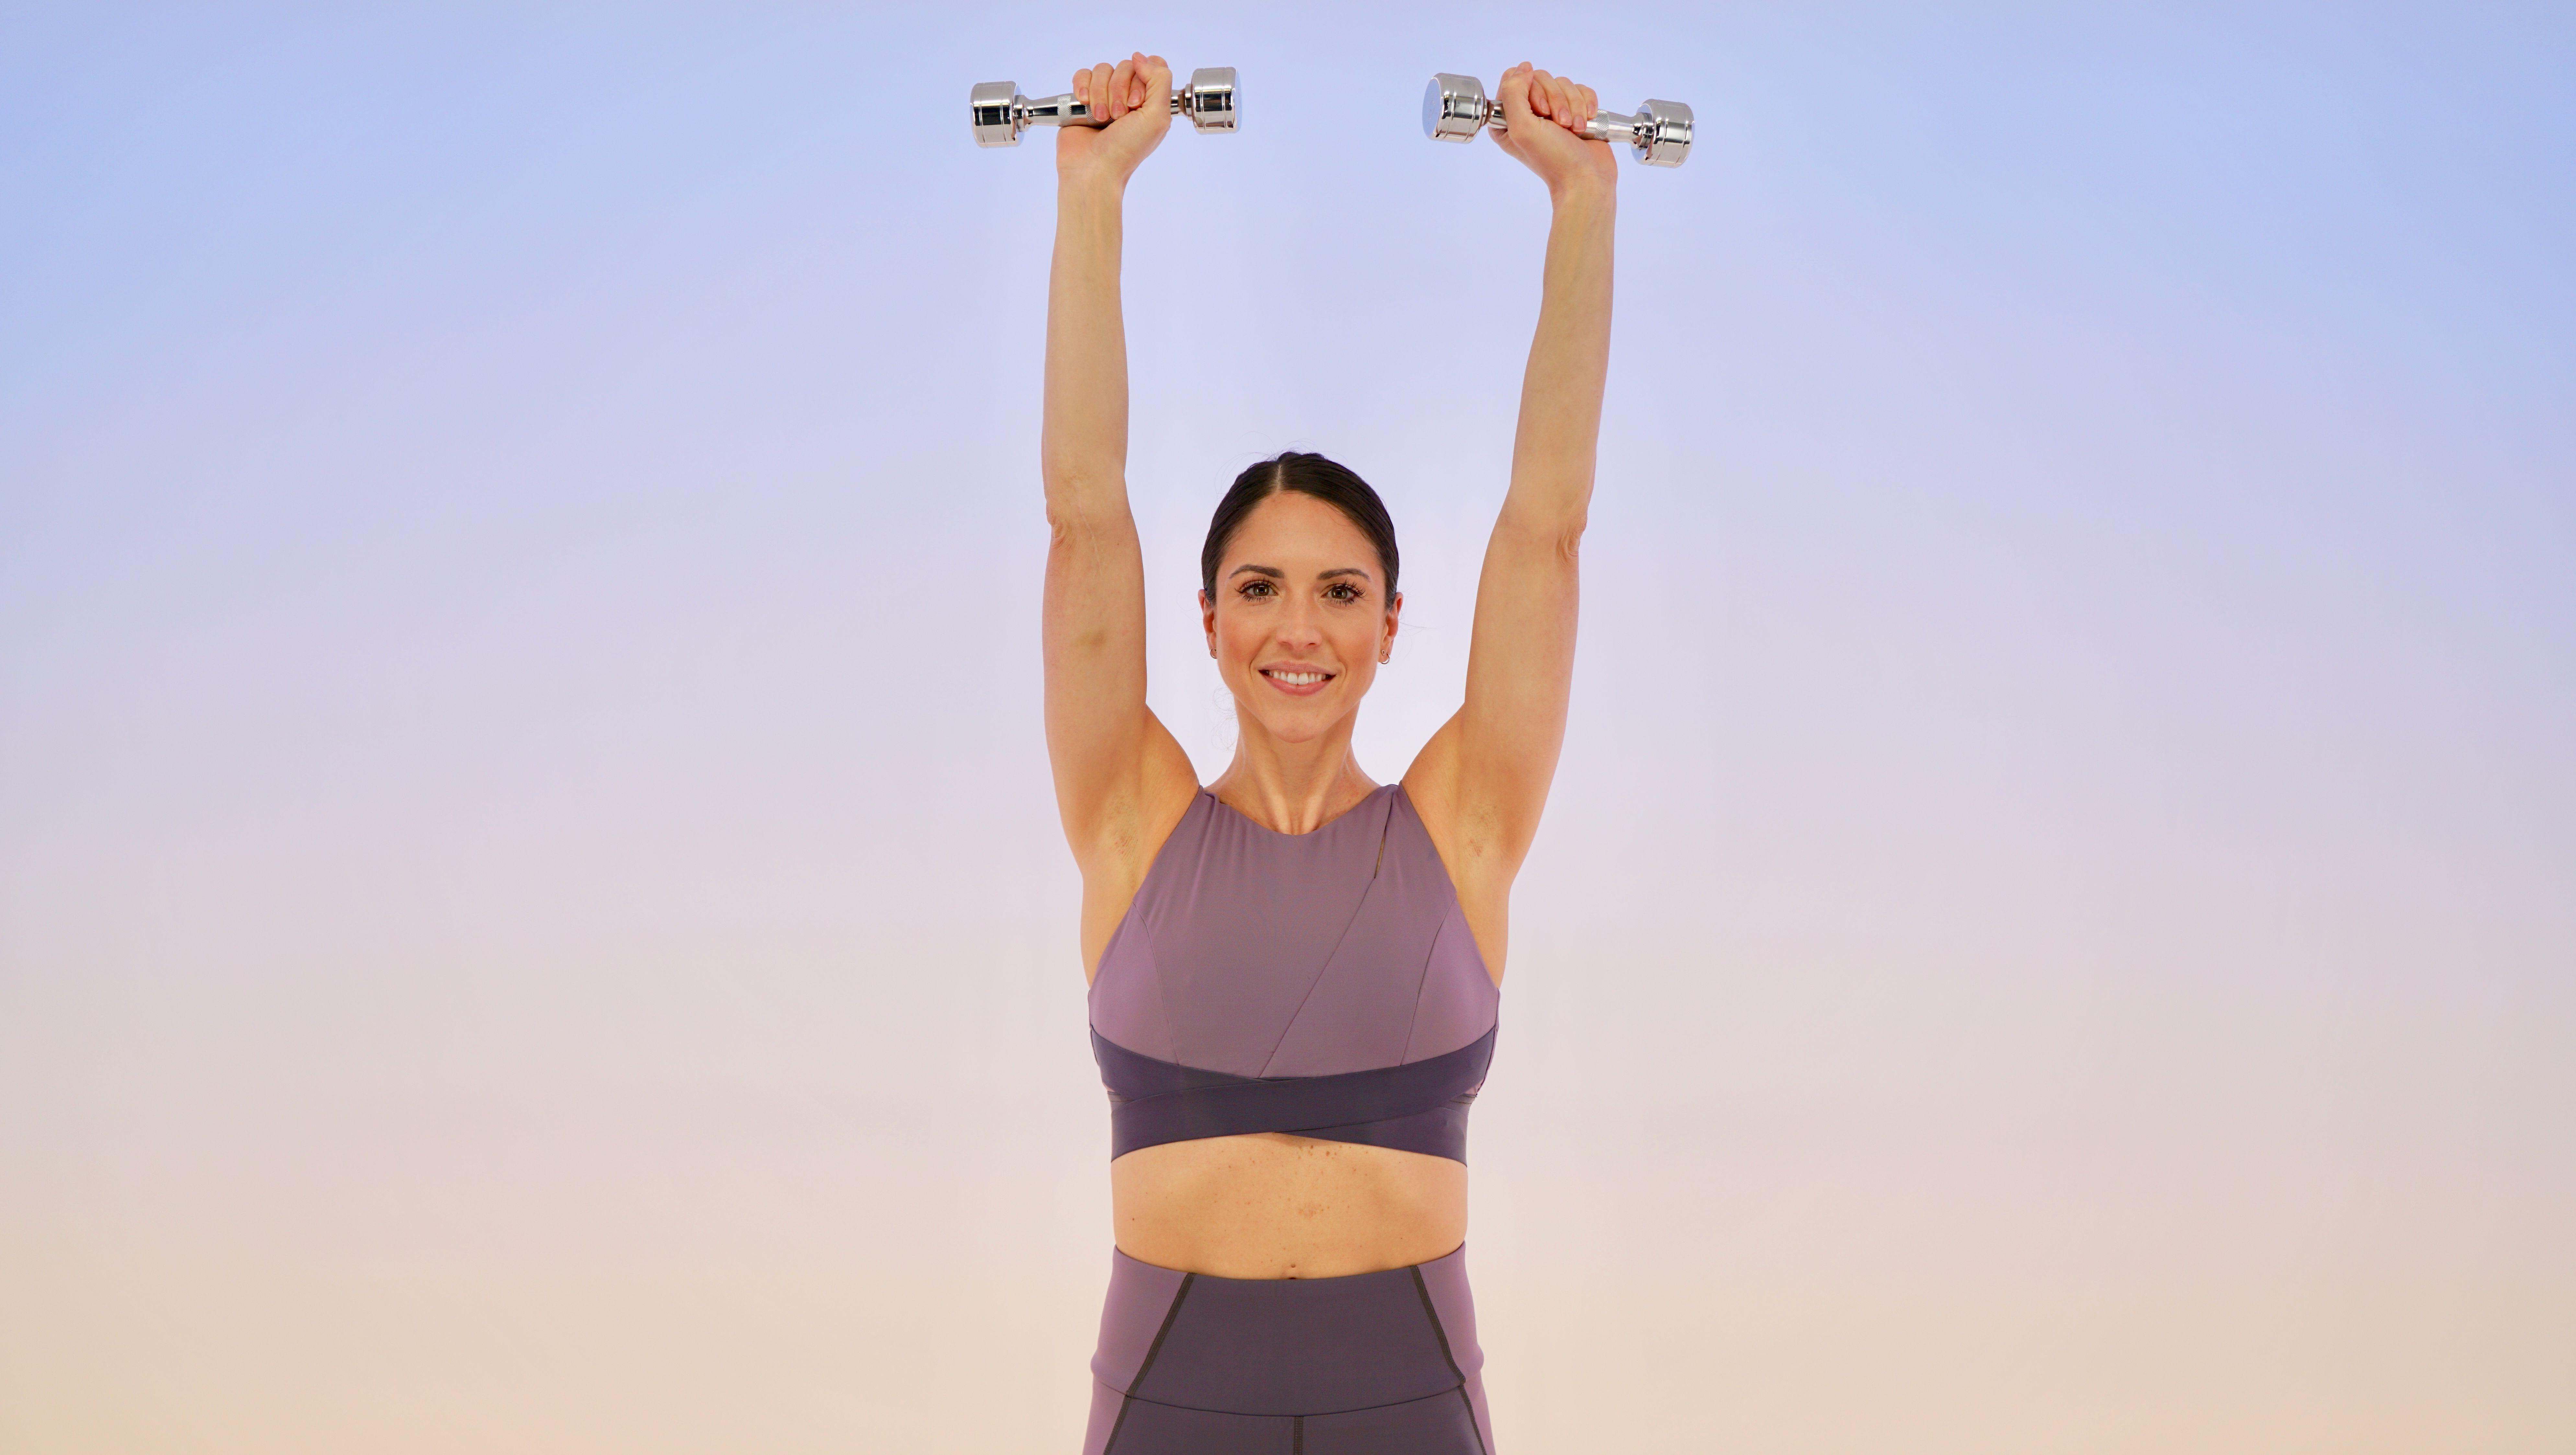 upper-body workout: overhead shoulder press